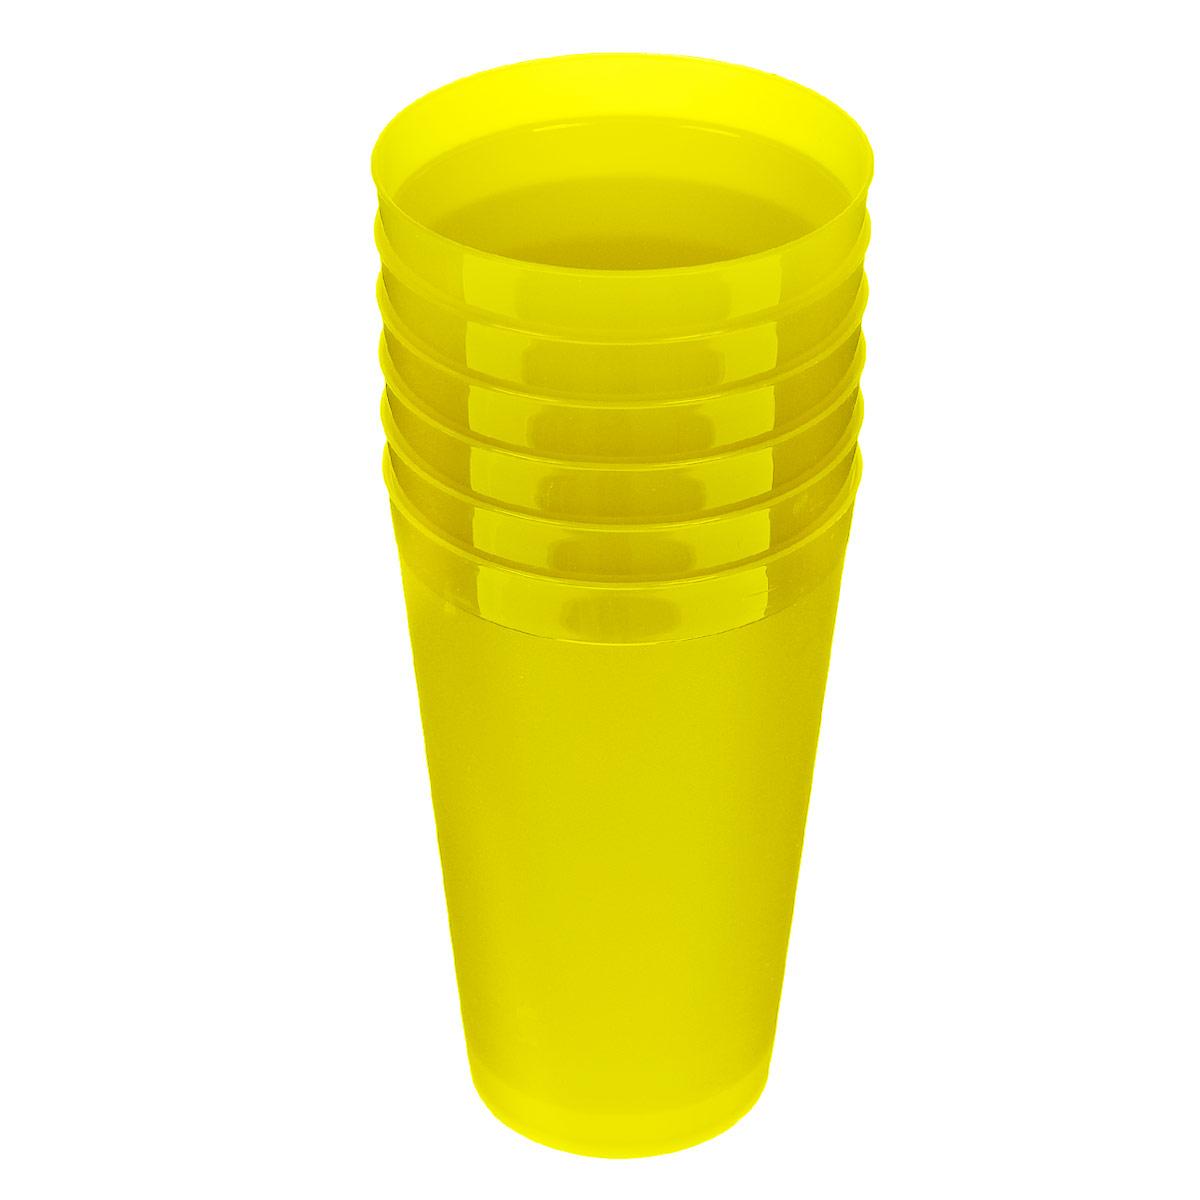 Набор стаканов Полимербыт, цвет: желтый, 400 мл, 6 шт4315006 желтыйНабор Полимербыт состоит из шести стаканчиков объемом по 0,4 л. Подойдет как для дома, так и для отдыха на природе. Компактный набор без всяких проблем убирается в любой карман или сумку. Стаканчики выполнены из прочного пластика. Диаметр по верхнему краю: 8 см. Диаметр по дну: 5,5 см. Высота: 13 см.